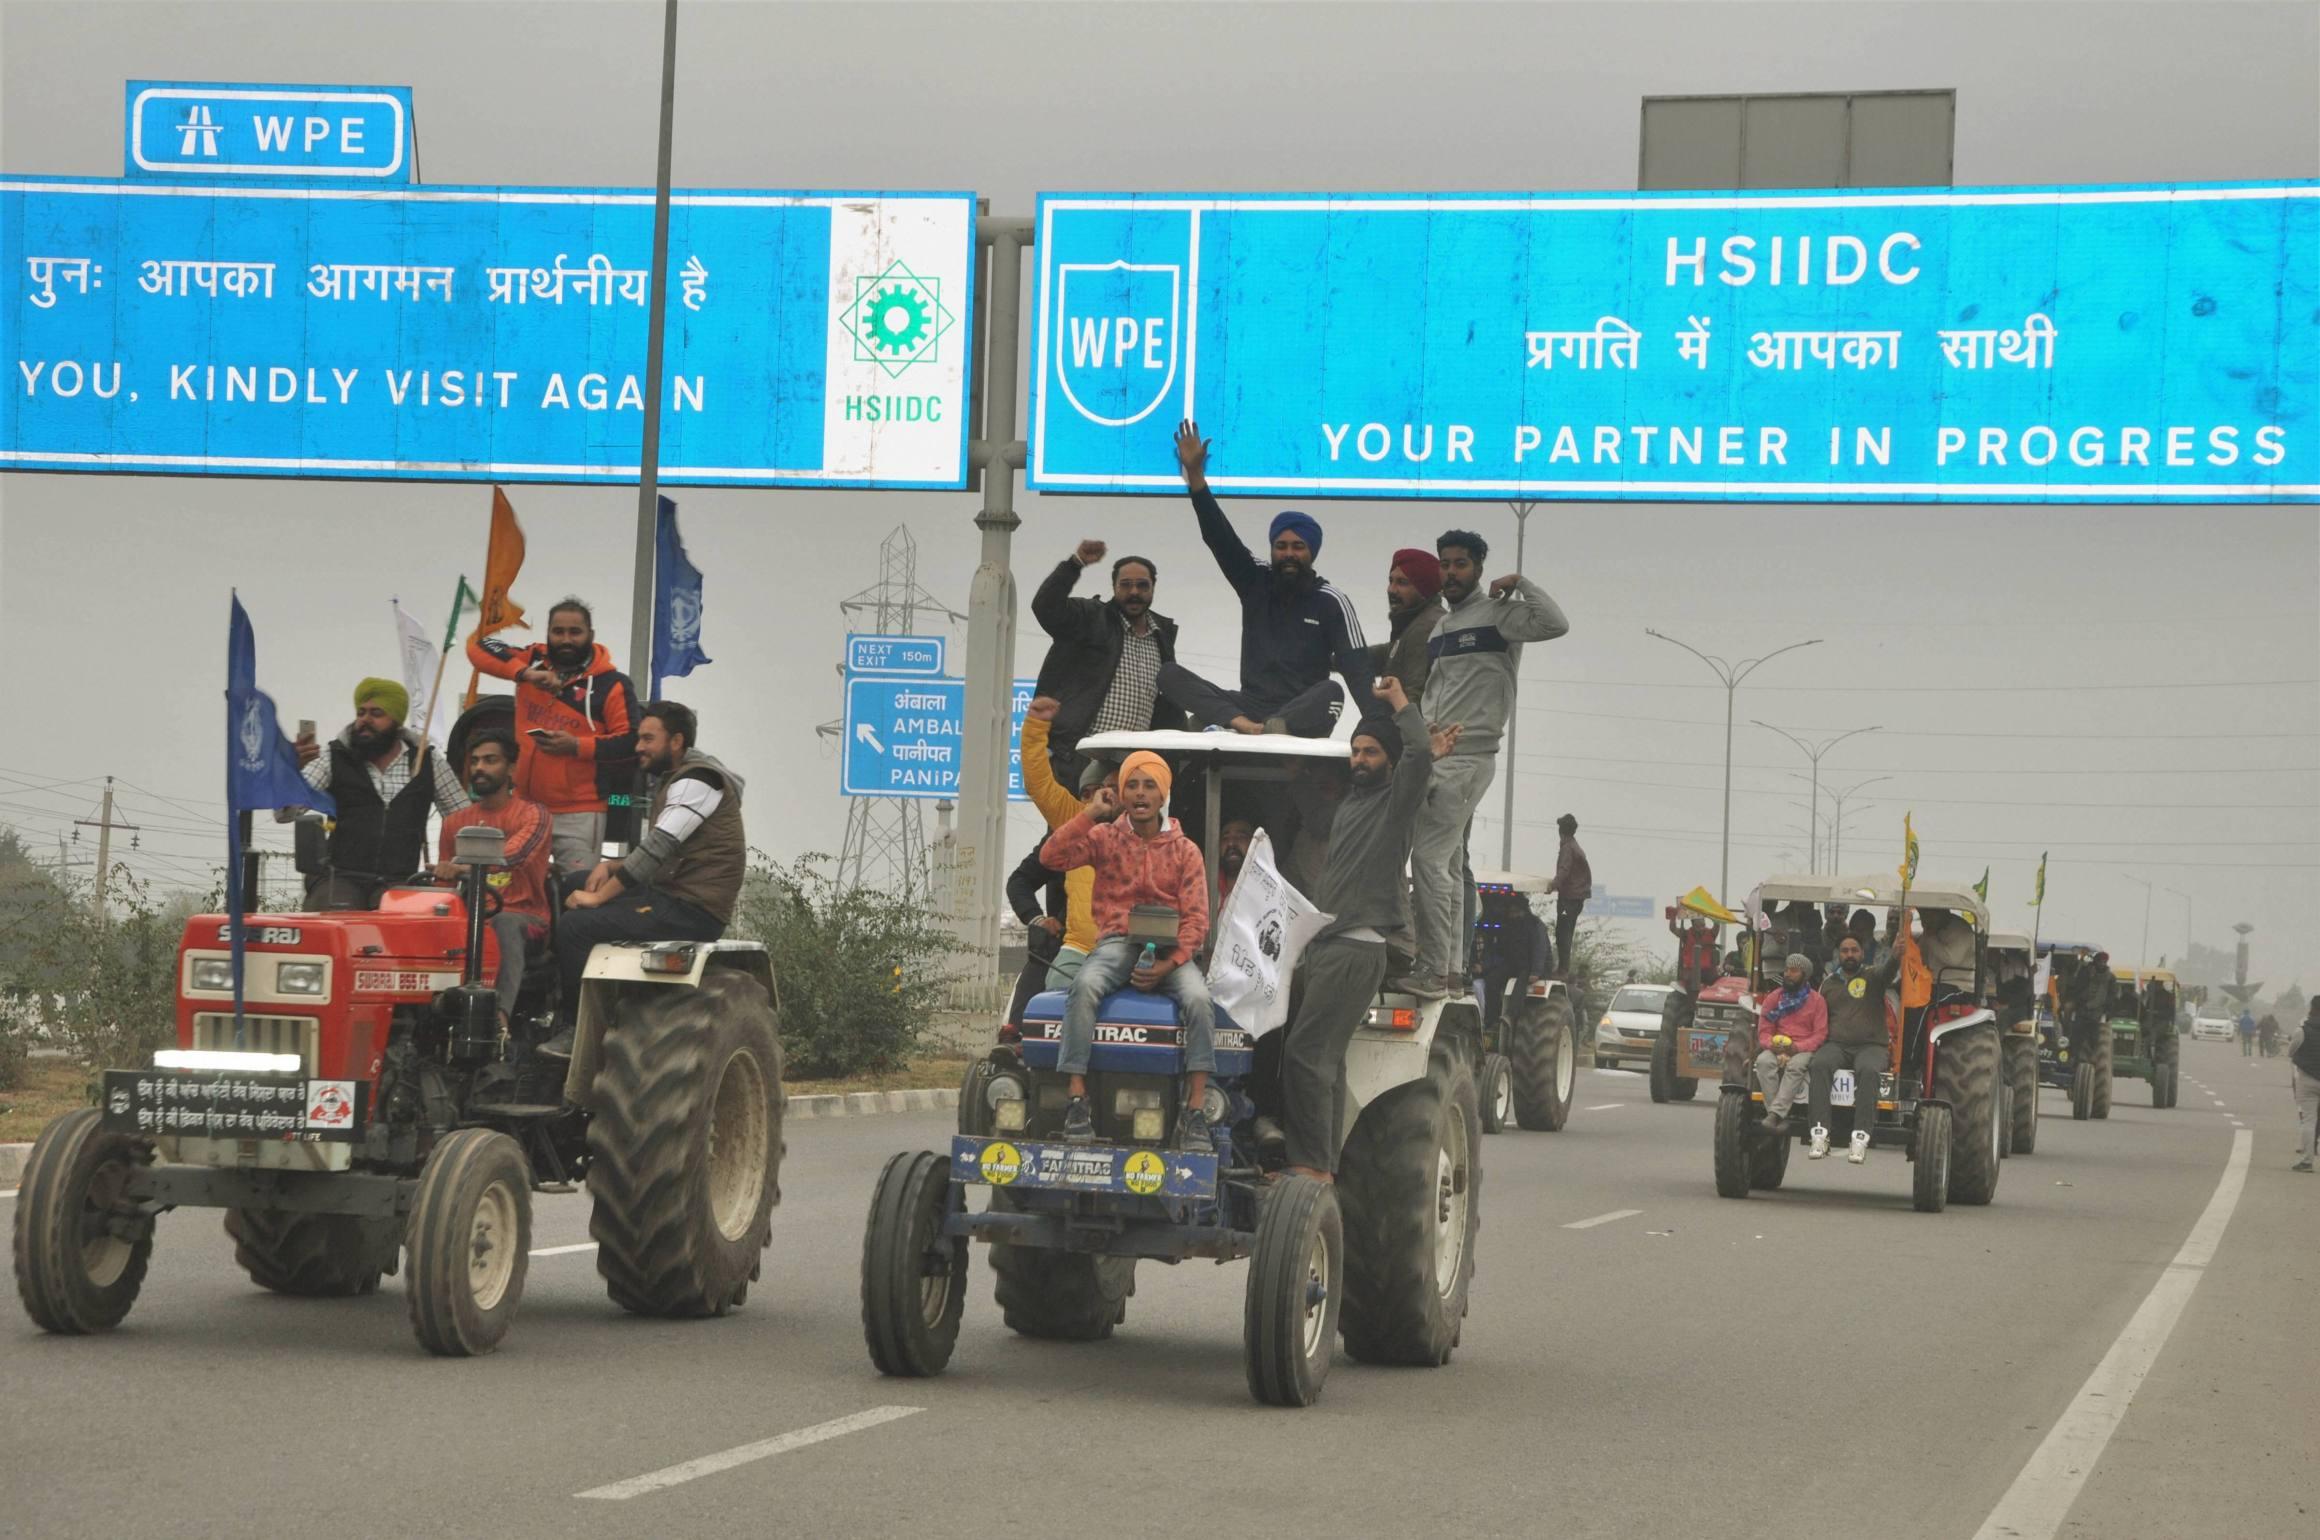 سونی پت میں کسانوں کی ٹریکٹر ریلی۔ (فوٹو: پی ٹی آئی)